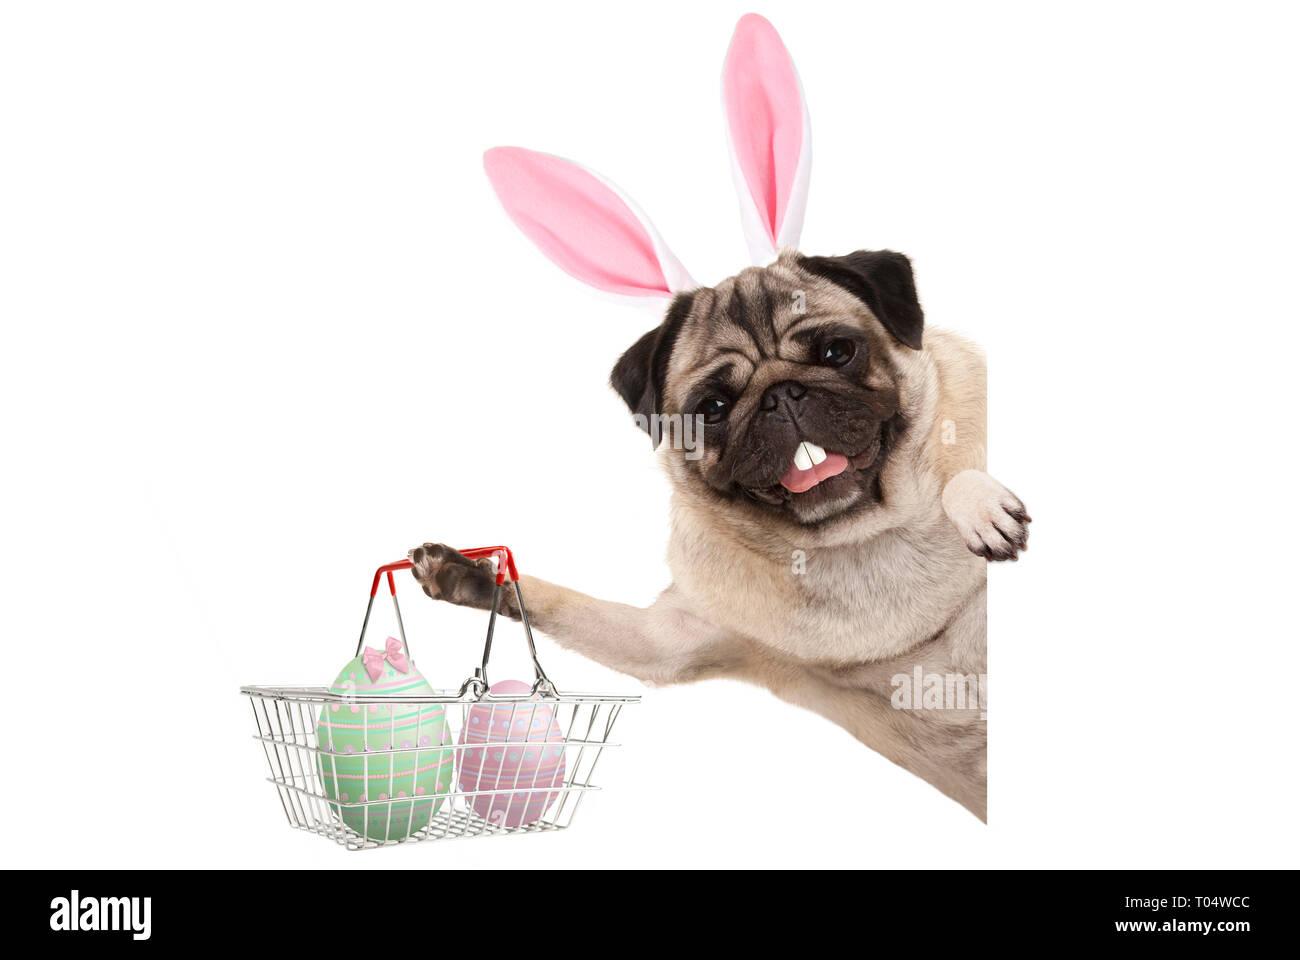 Conejito de Pascua feliz perro pug con dientes de conejo y pastel de huevos de pascua en la cesta metálica de alambre aislado sobre fondo blanco. Foto de stock